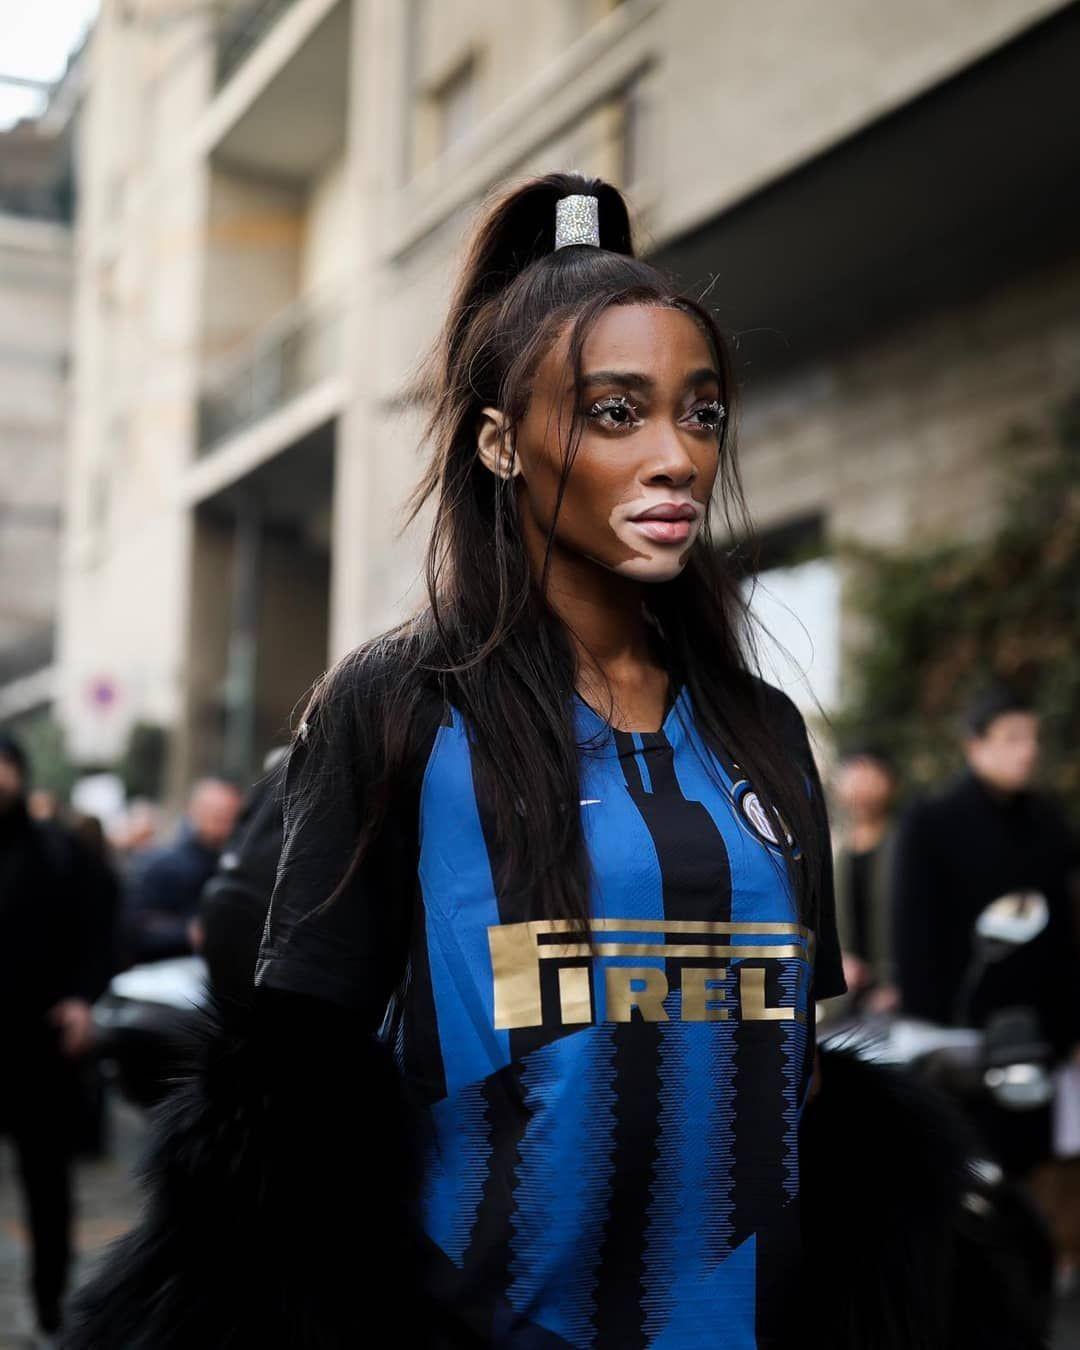 国米亮相米兰时装周?维密超模蓝黑造型引领时尚